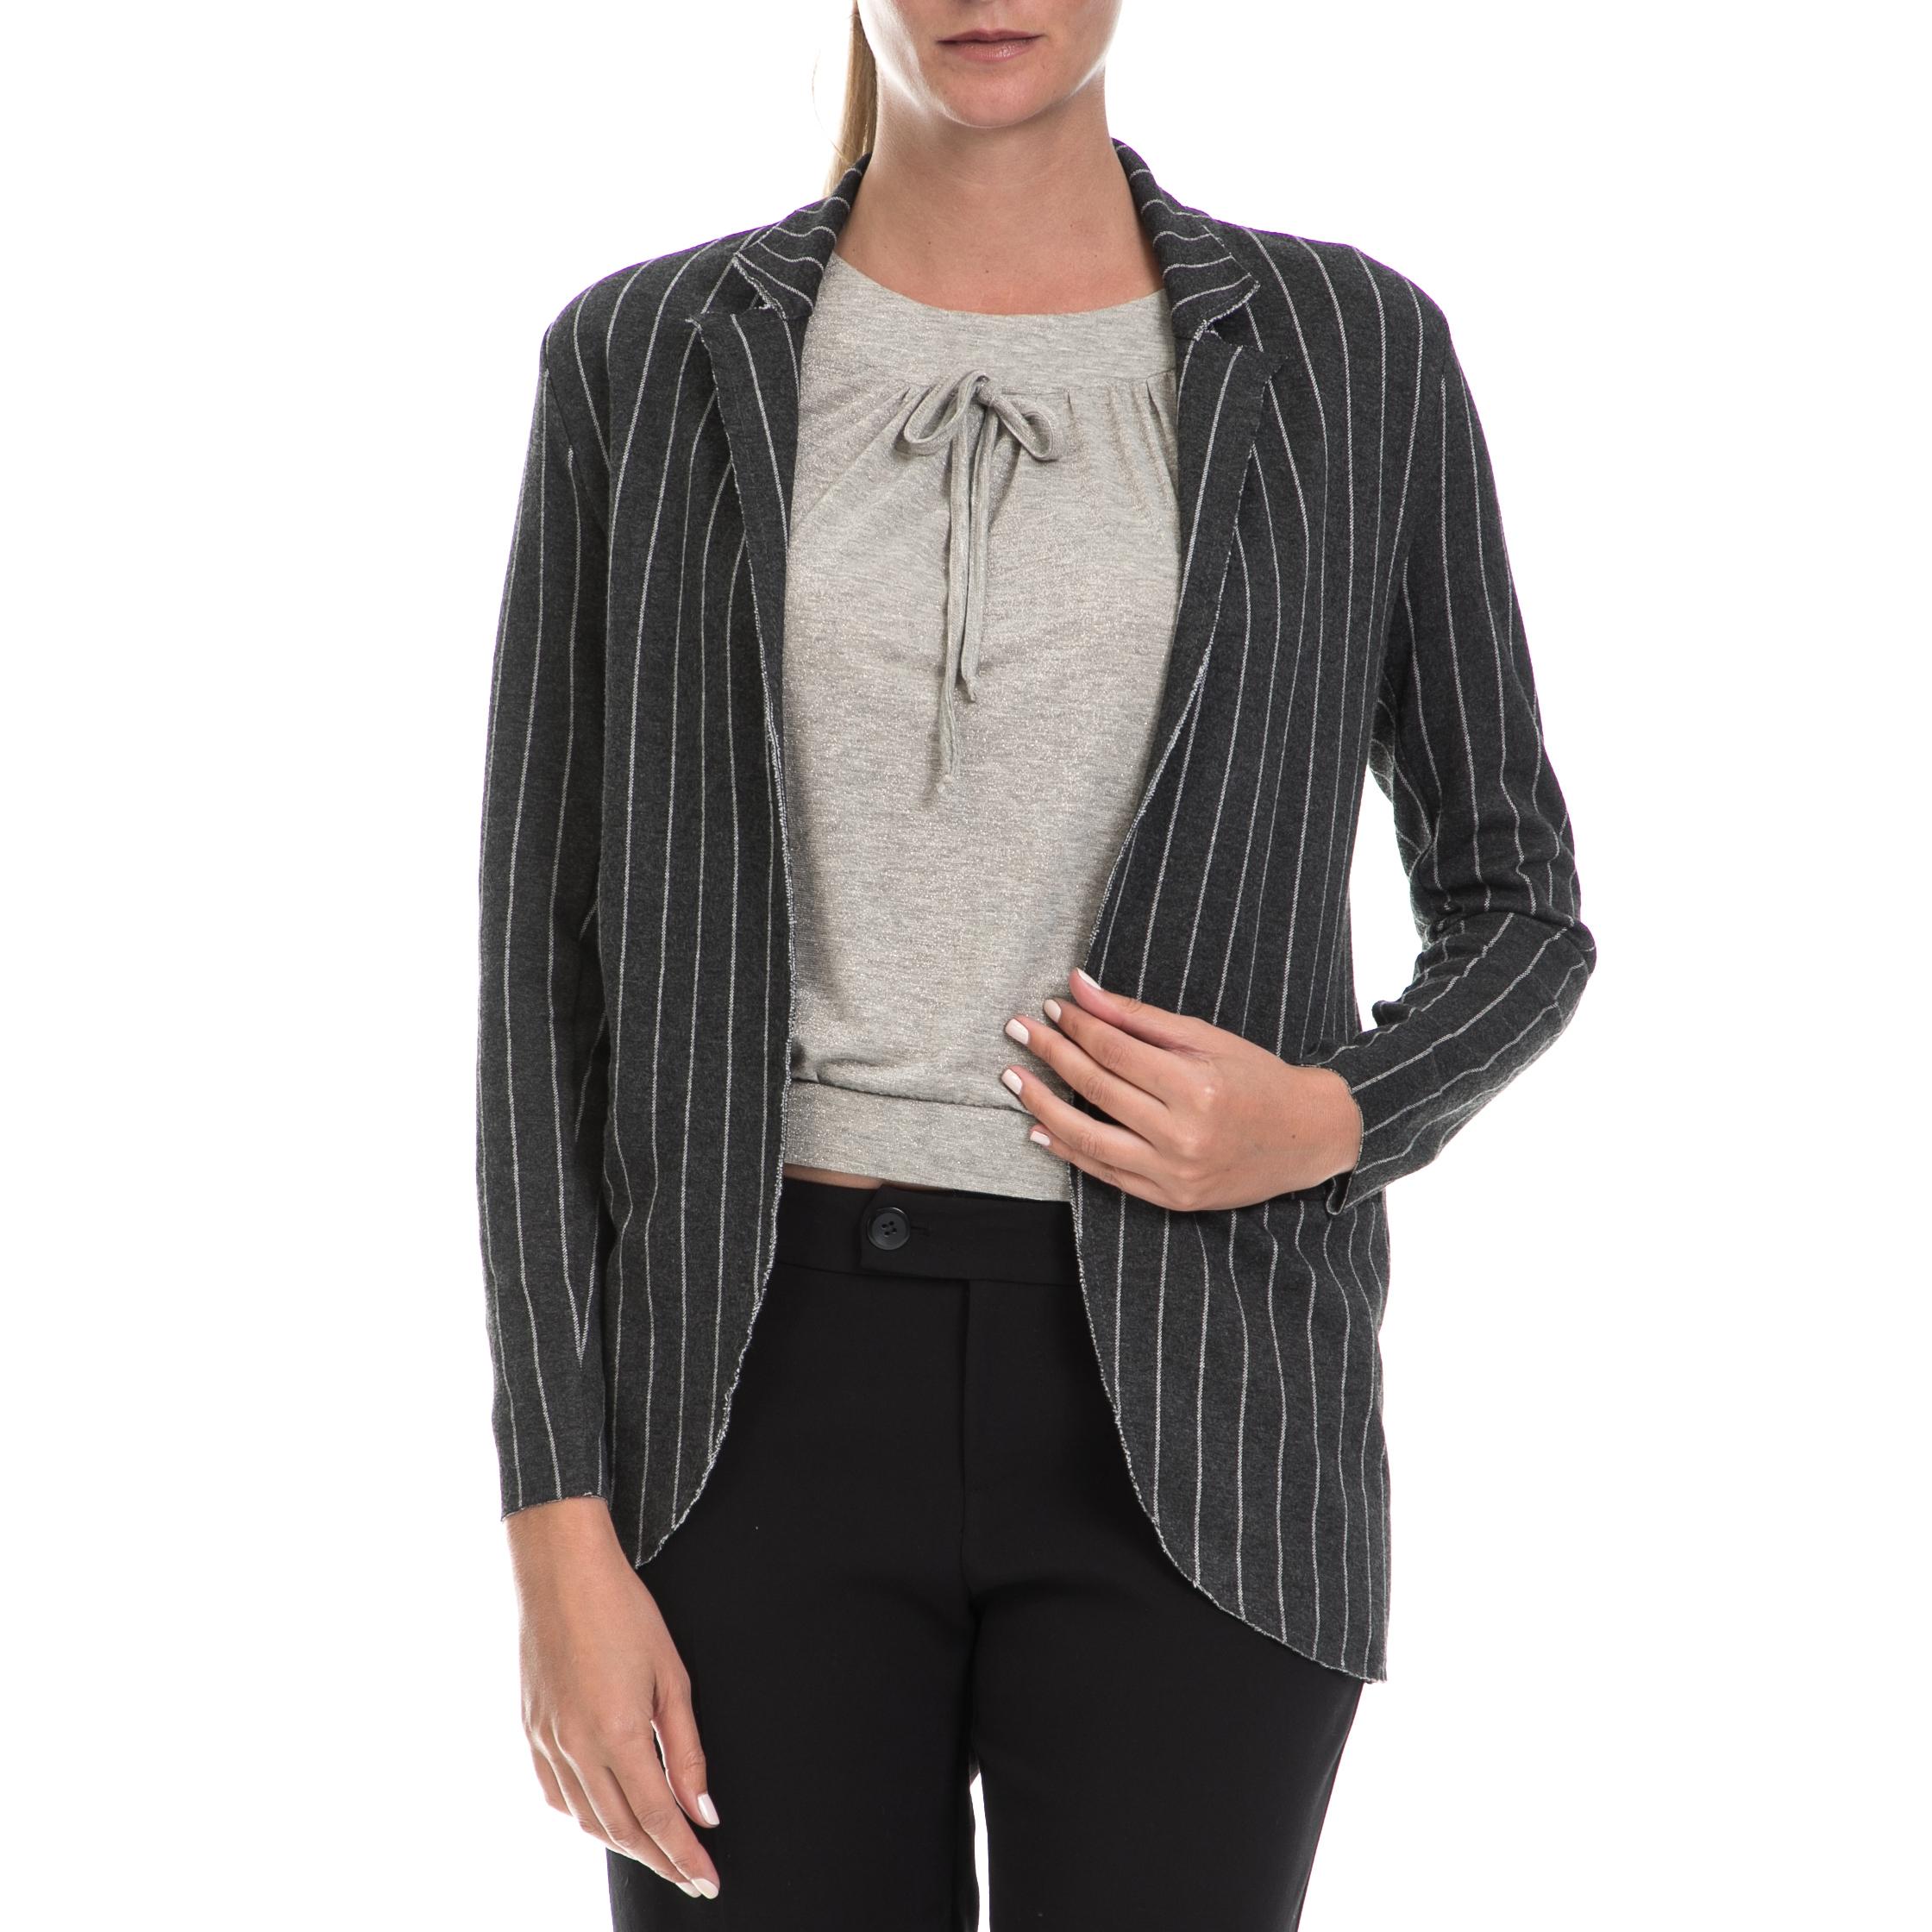 ALE - Γυναικείο σακάκι ALE γκρι γυναικεία ρούχα πανωφόρια σακάκια